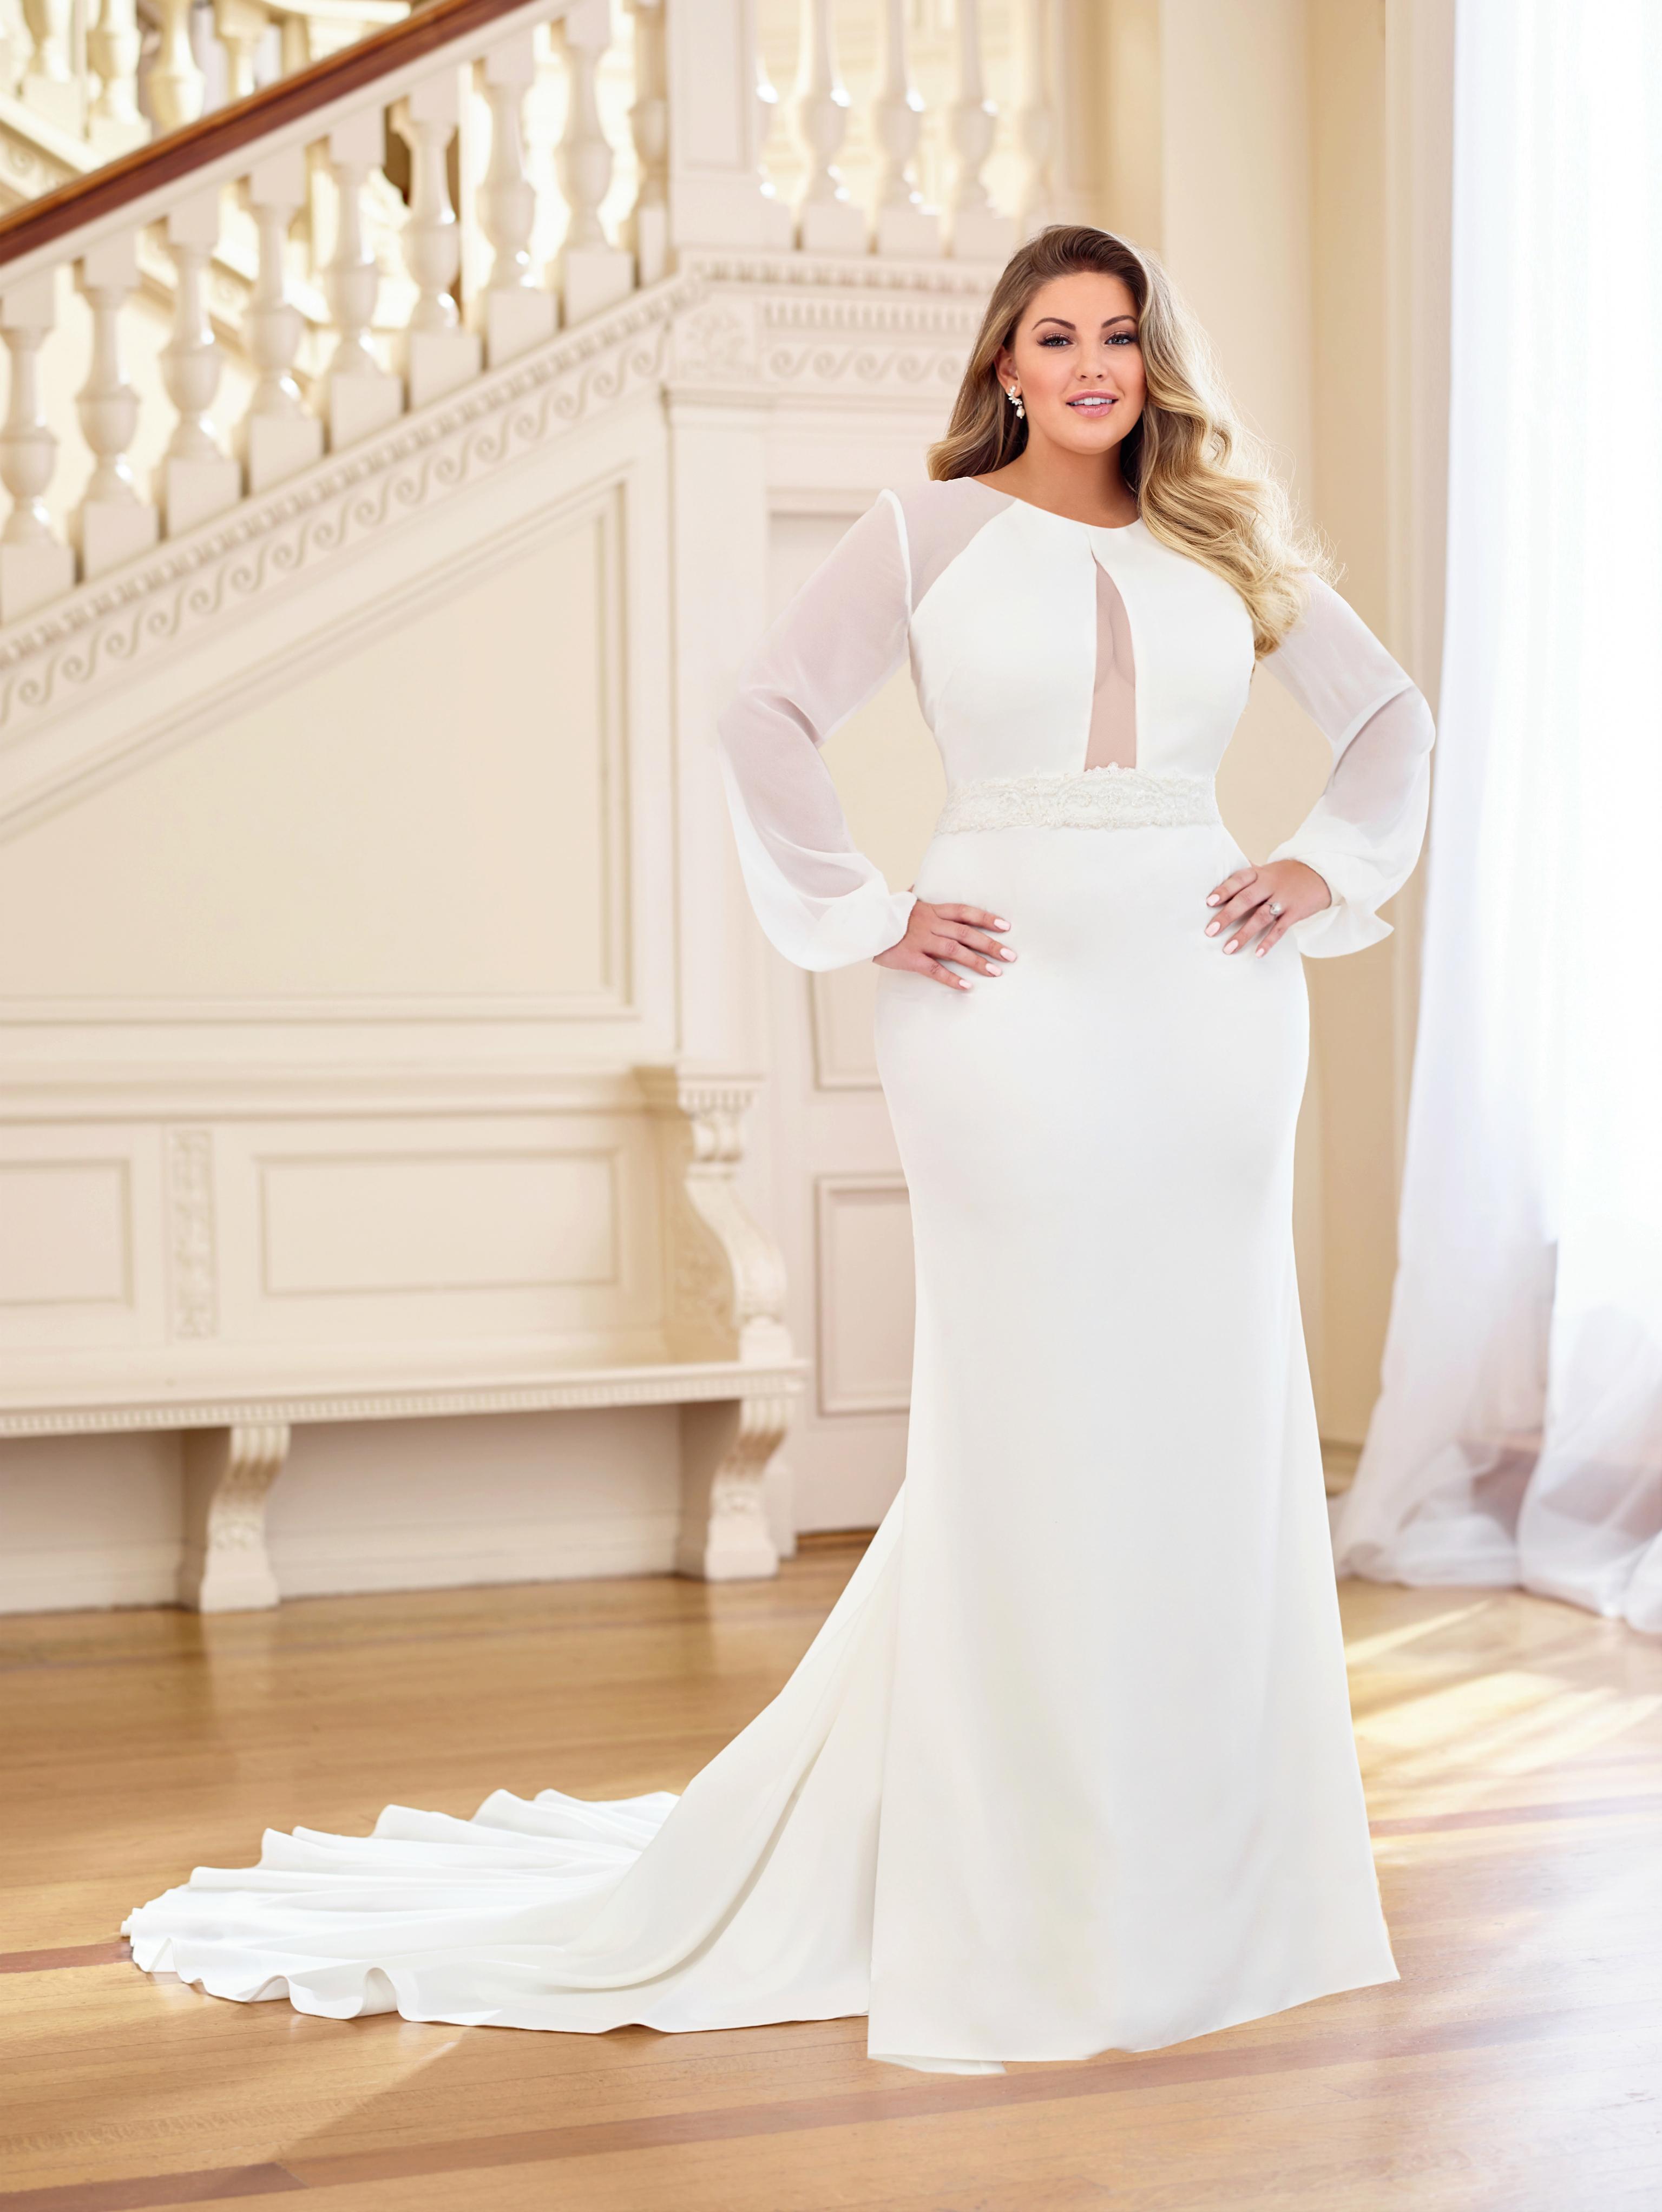 247451d629c Ίσιο χυτό νυφικό φόρεμα κρεπ σιφόν μακρυά μανίκια plus sizes VENETTI